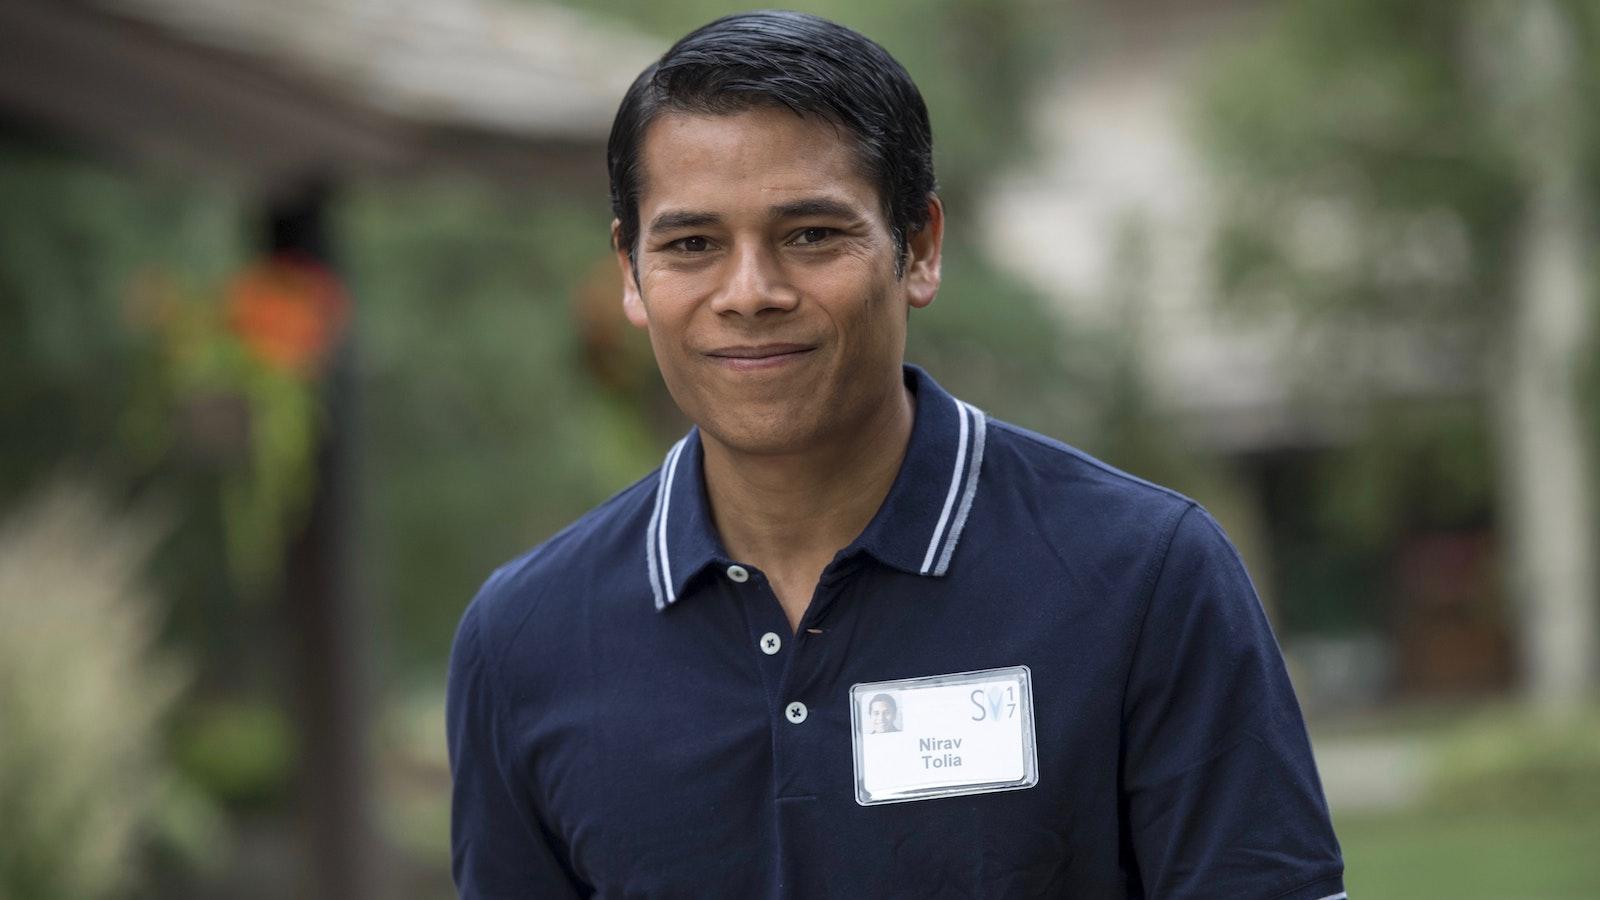 Nextdoor CEO  CEO Nirav Tolia. Photo by Bloomberg.